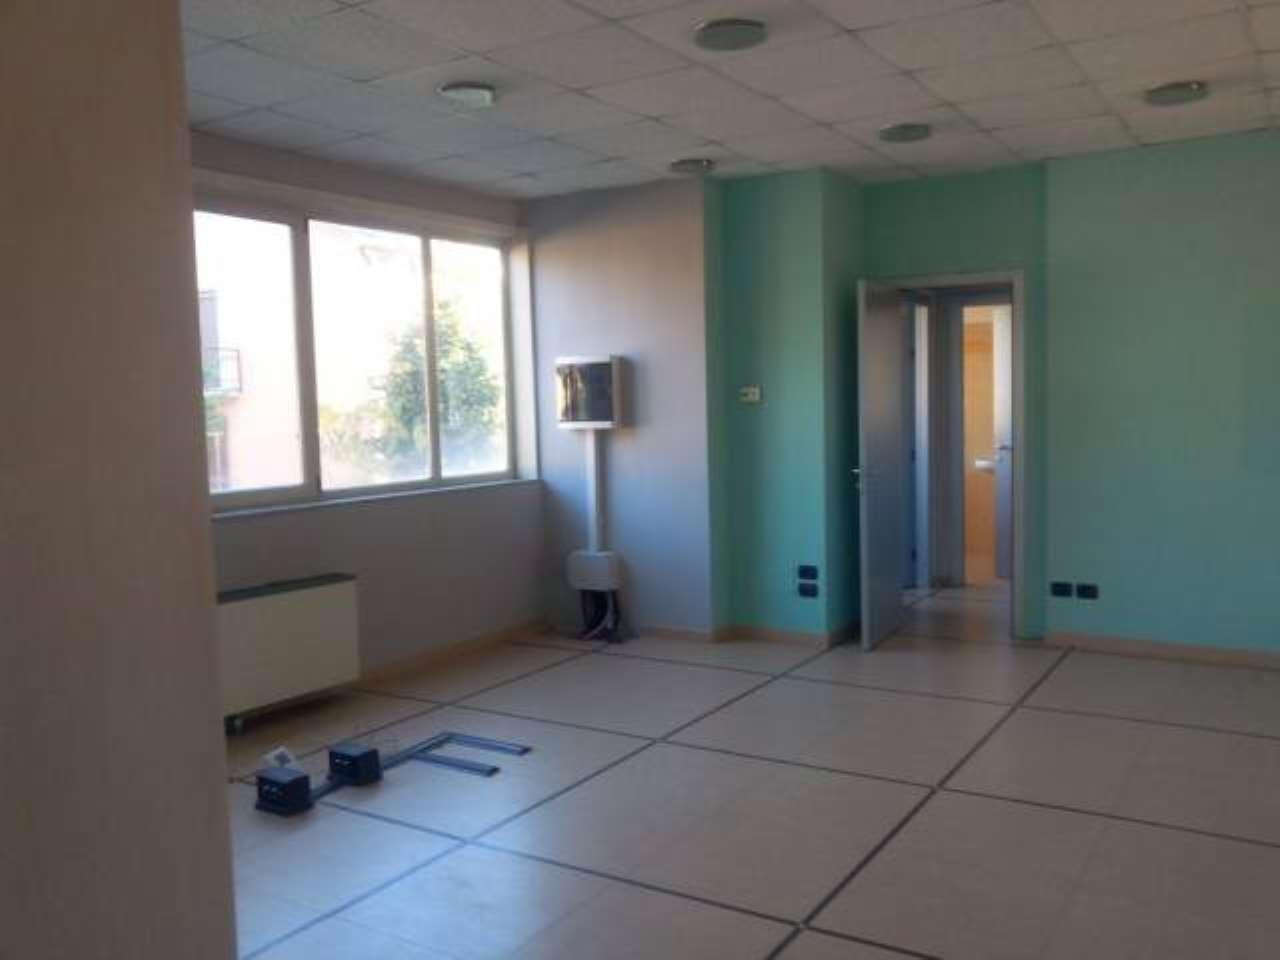 Ufficio / Studio in affitto a Trezzano Rosa, 2 locali, prezzo € 2.000   PortaleAgenzieImmobiliari.it